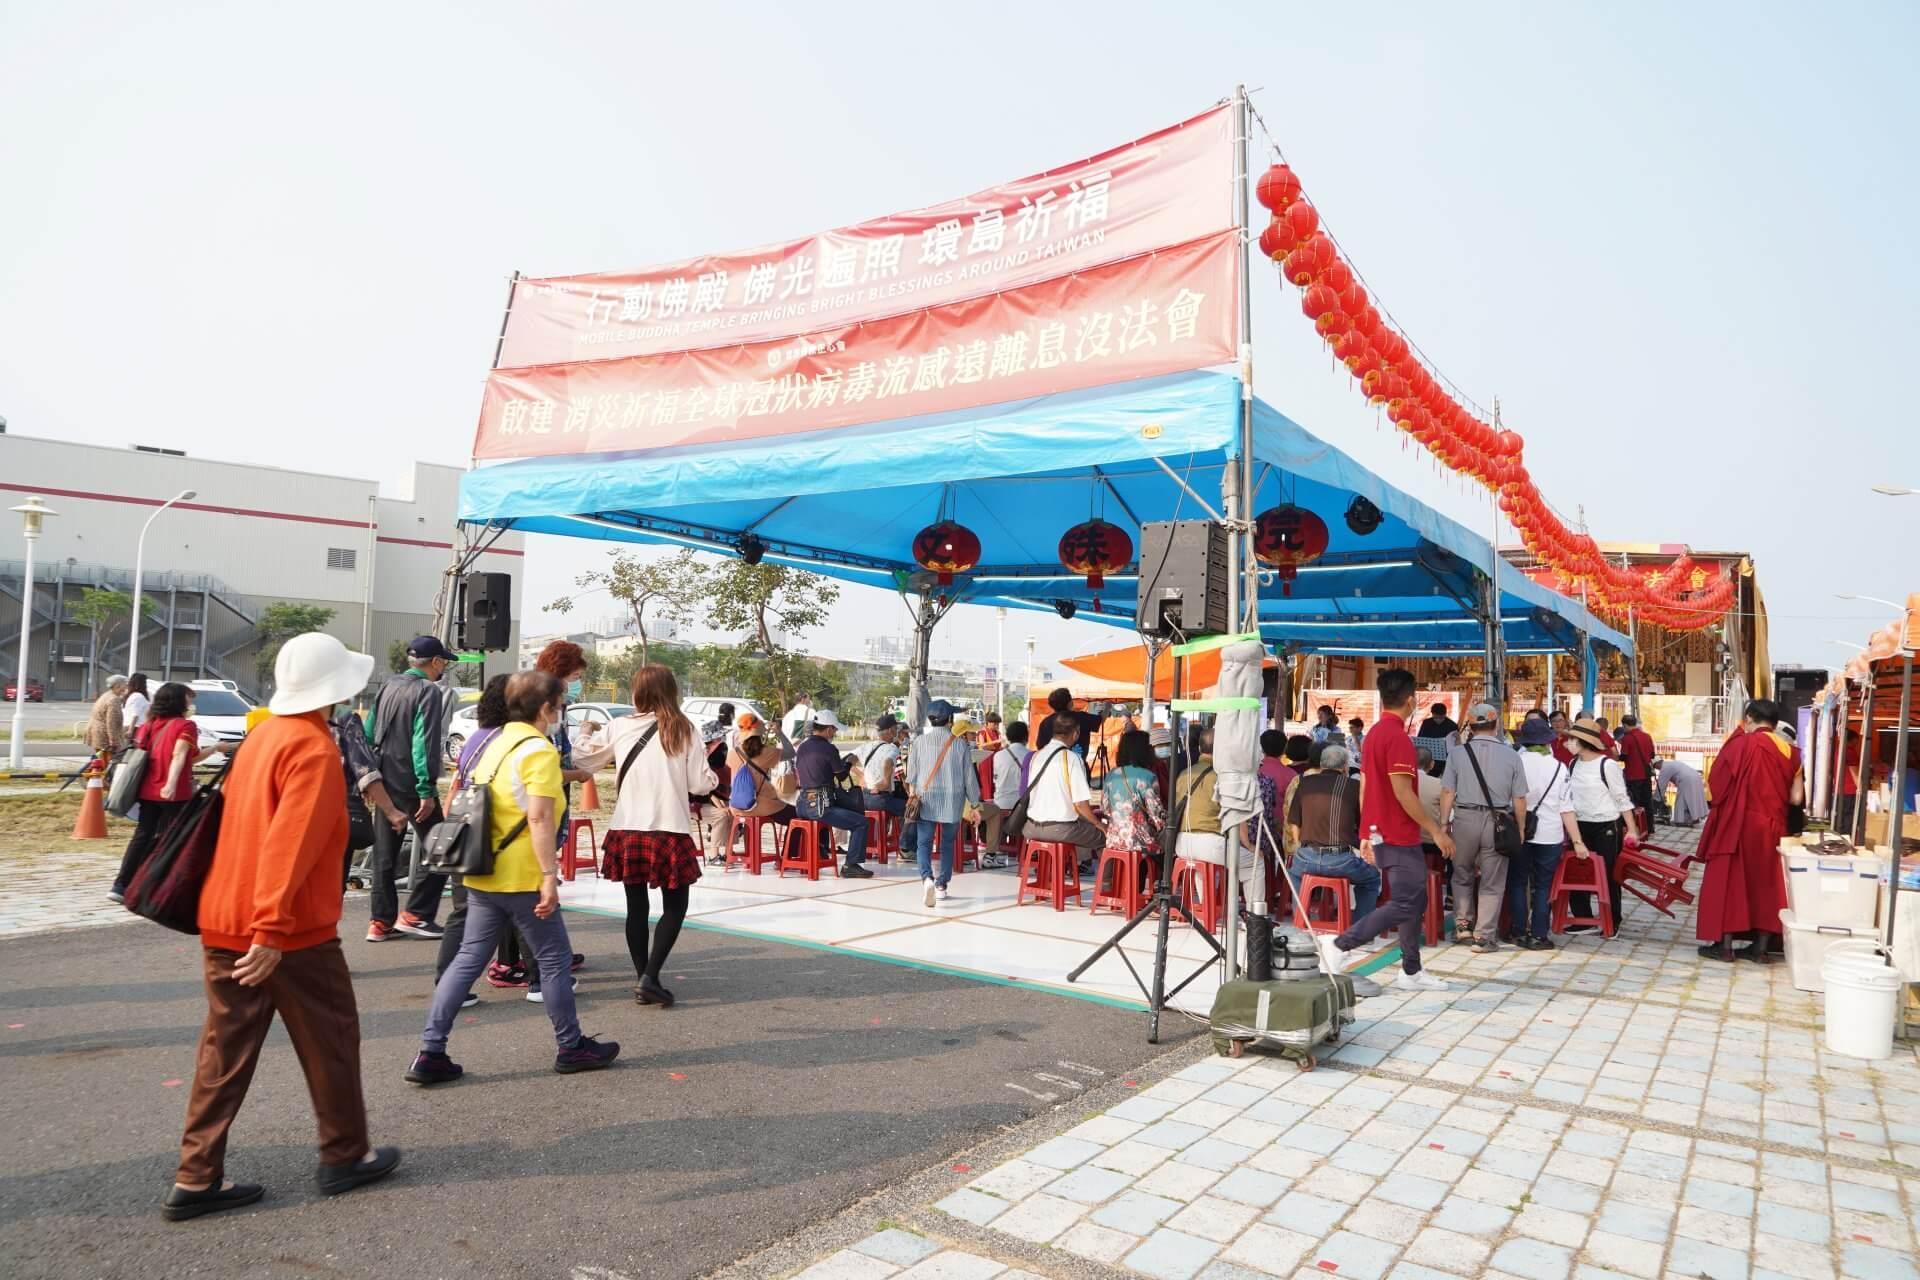 行動佛殿130站台南大興公園,觀音大悲感召加持法會,全國各地的信眾參加法會